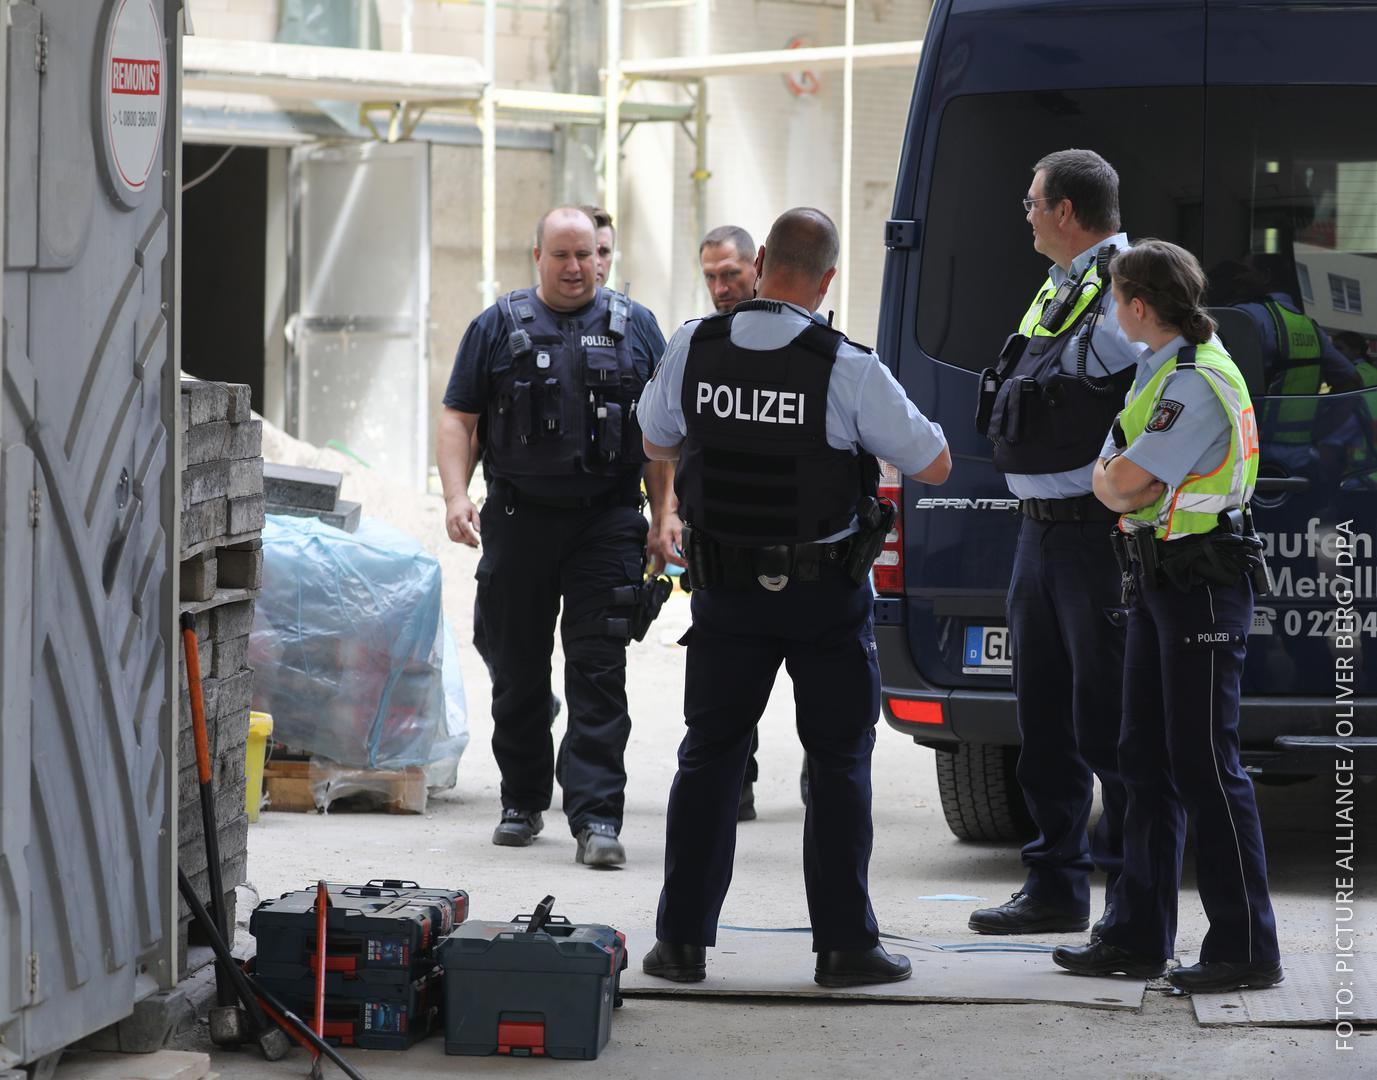 Köln: Polizisten stehen vor dem Hintereingang eines Wohngebäudes in der Innenstadt.